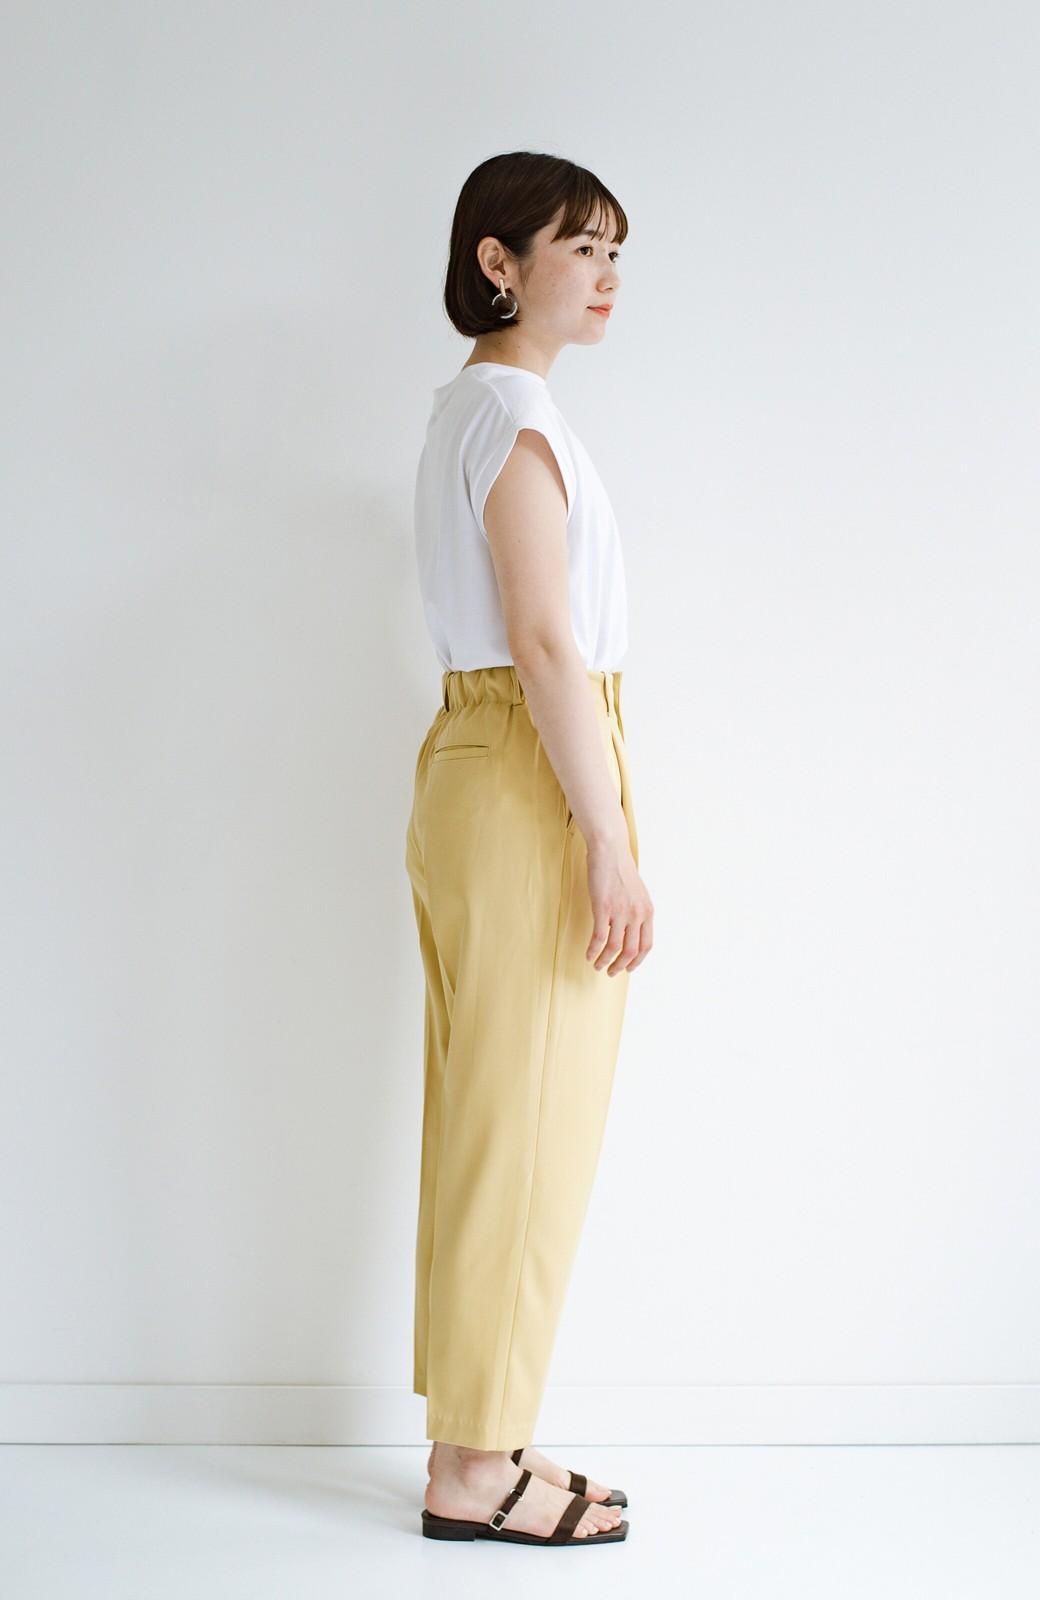 haco! 迷った朝はこれ着よう!元気が出るきれい色パンツにちょい袖大人Tシャツを合わせておいた作り置きコーデセット by que made me <その他>の商品写真6